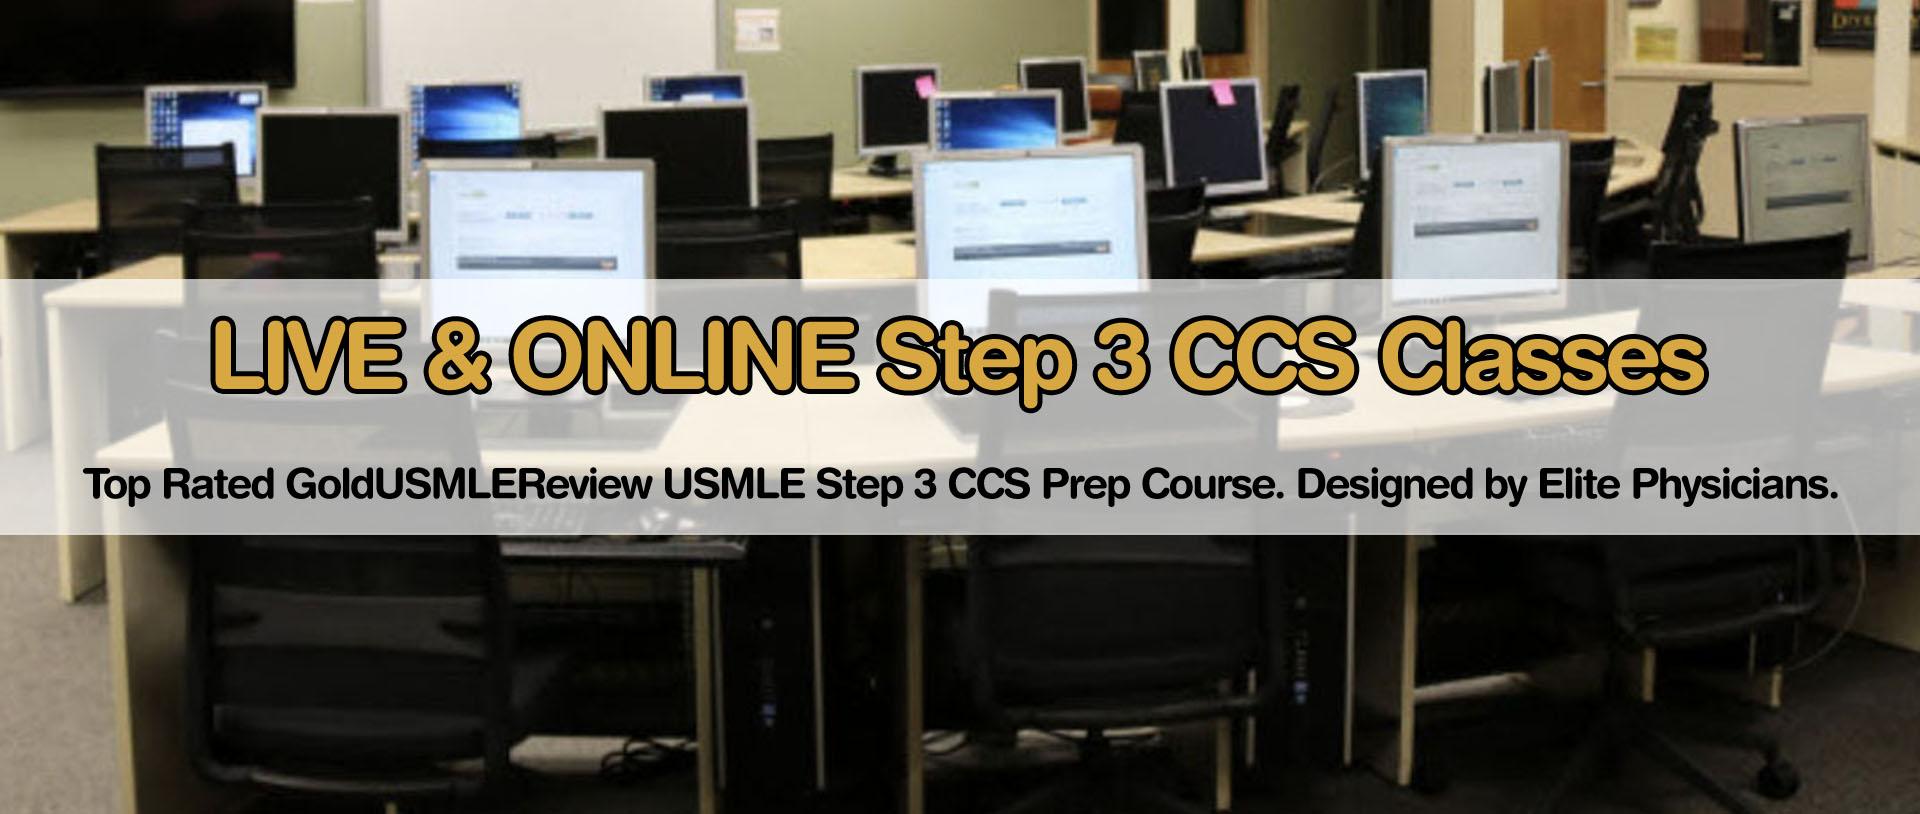 USMLE Step 3 CCS